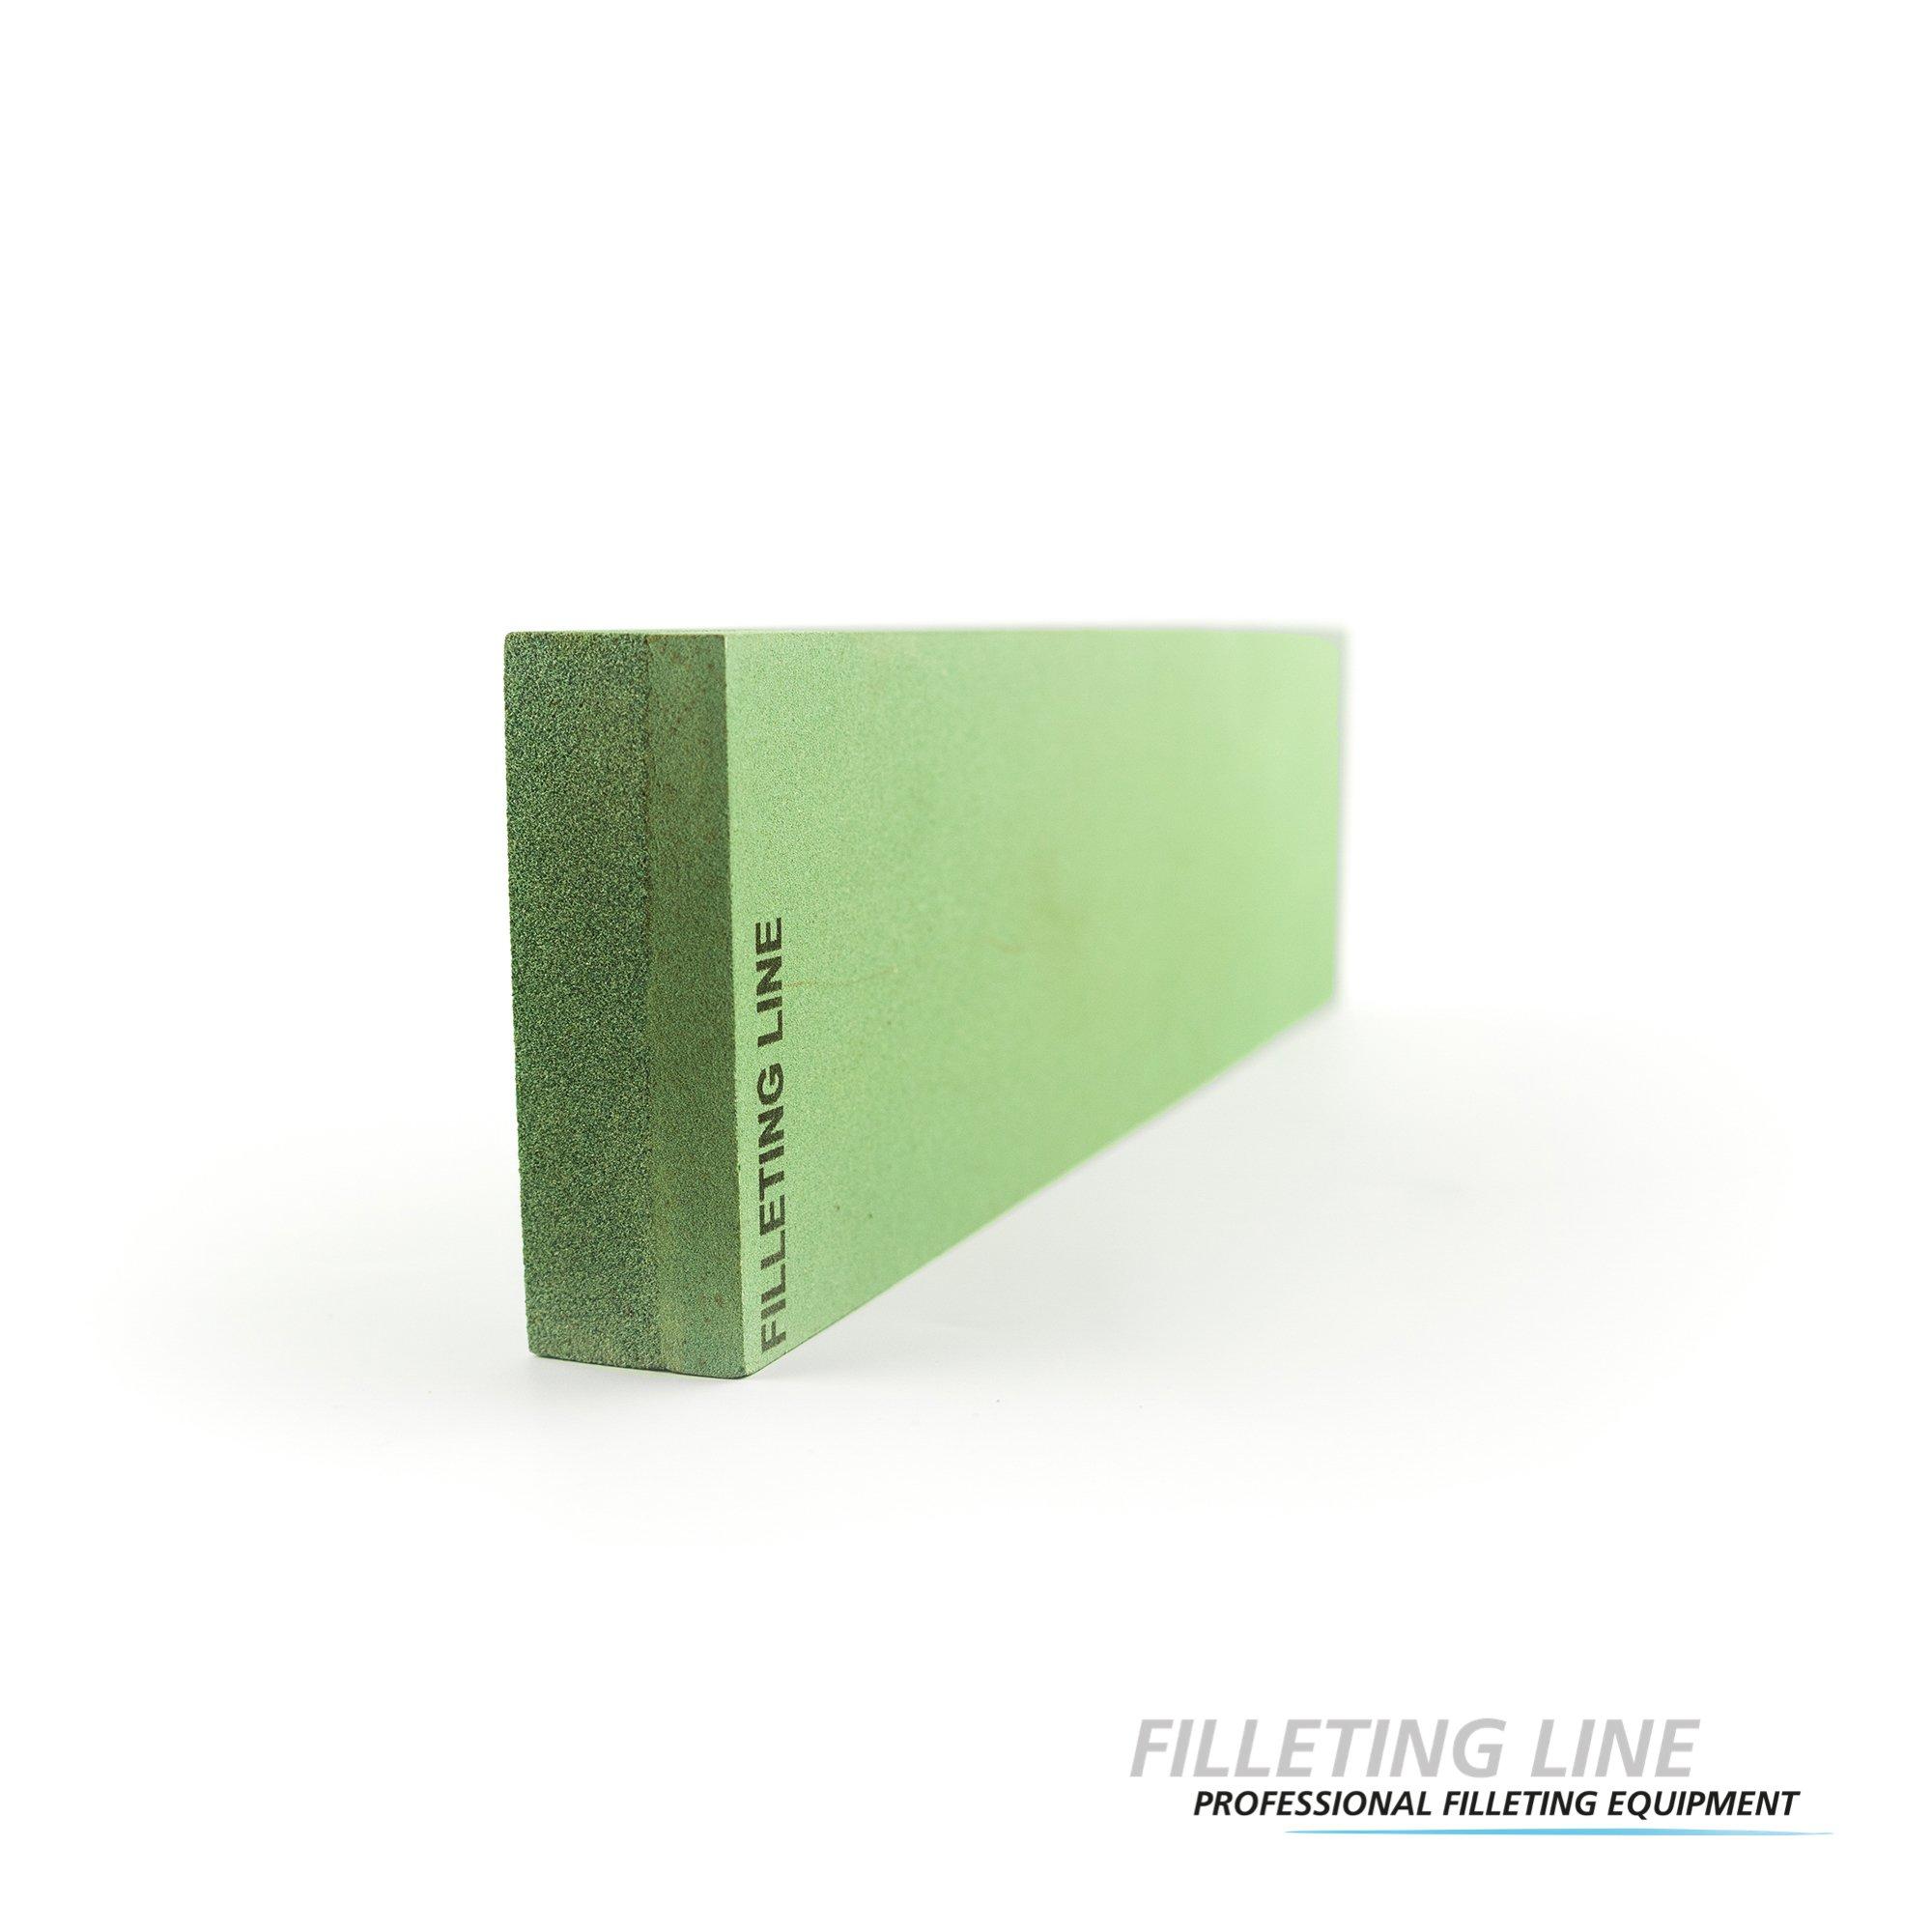 FILLETING LINE_2000x2000_45_logo_-17